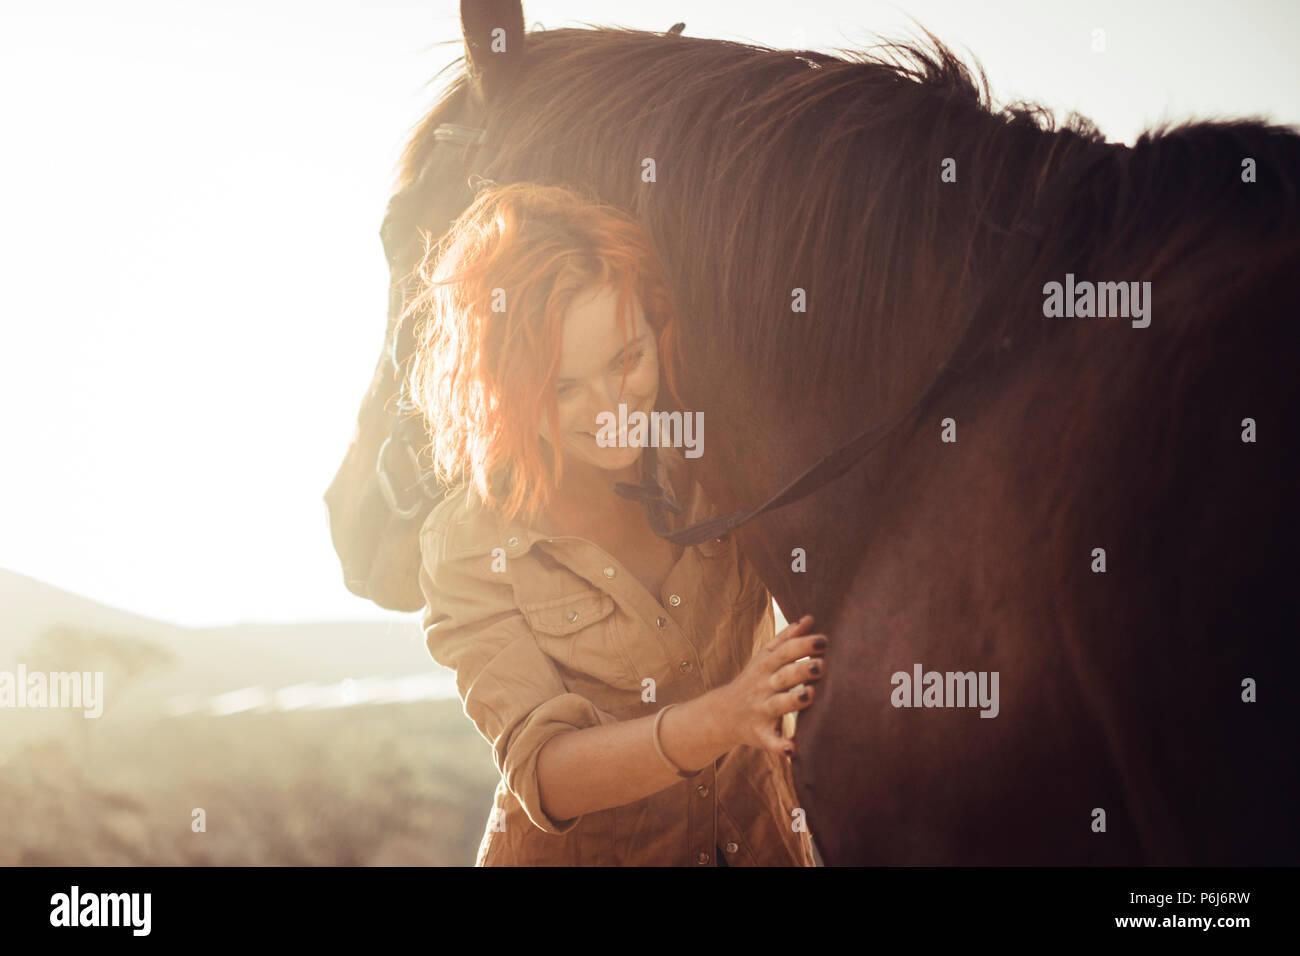 Echte Liebe und Freundschaft Konzept zwischen Nizza schönen kaukasischen Dame und erstaunliche Pferd. Sonnenuntergang und Hintergrundbeleuchtung. Süße und Weichheit in Pferd Stockbild